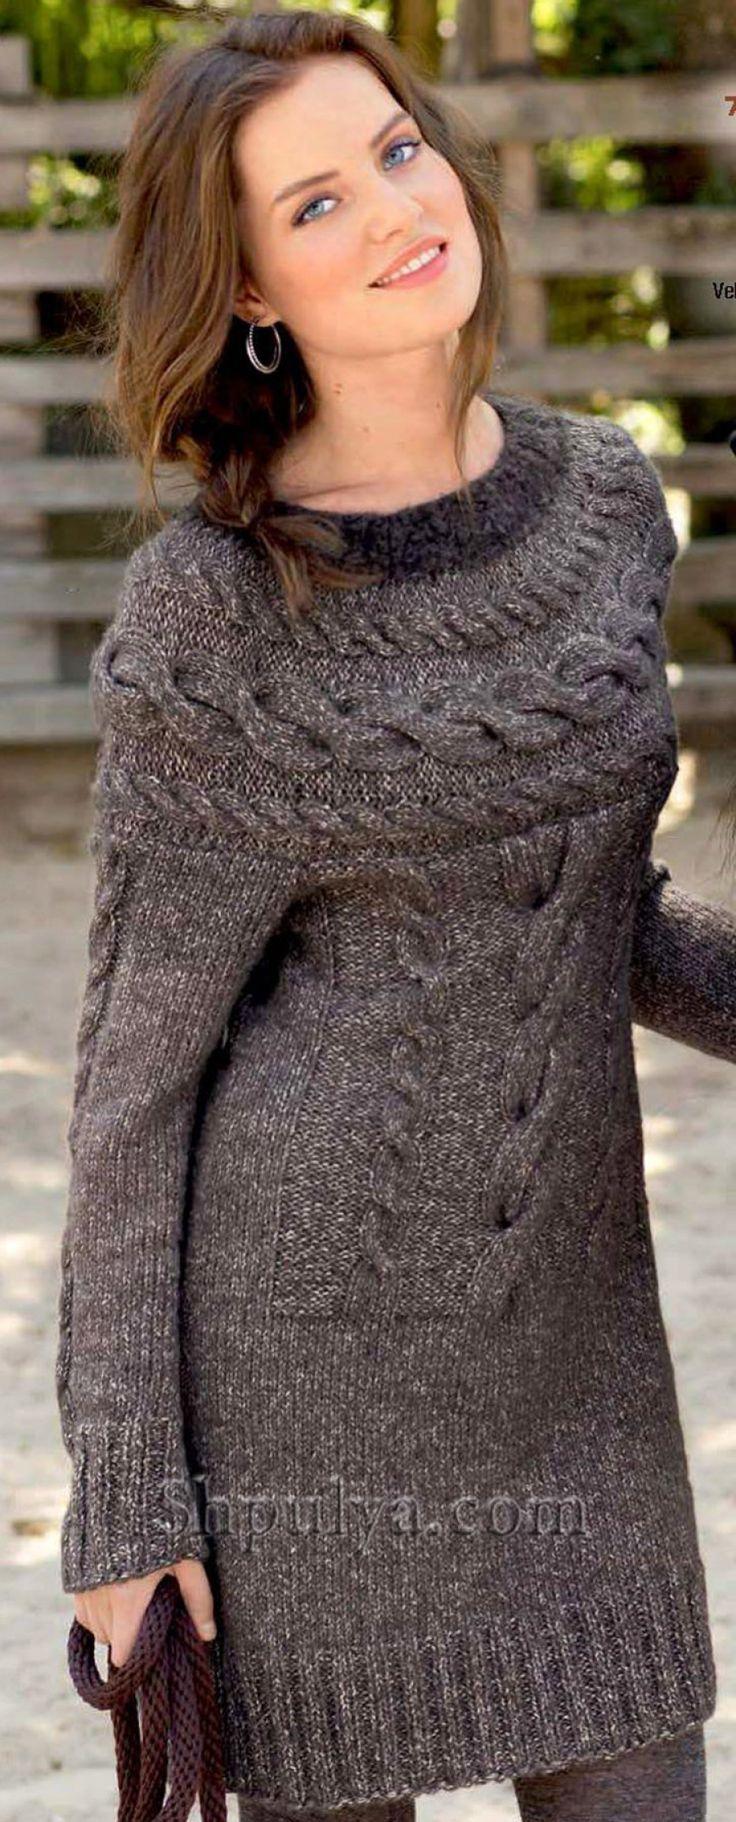 Платье с кокеткой с узором из кос, вязаное спицами